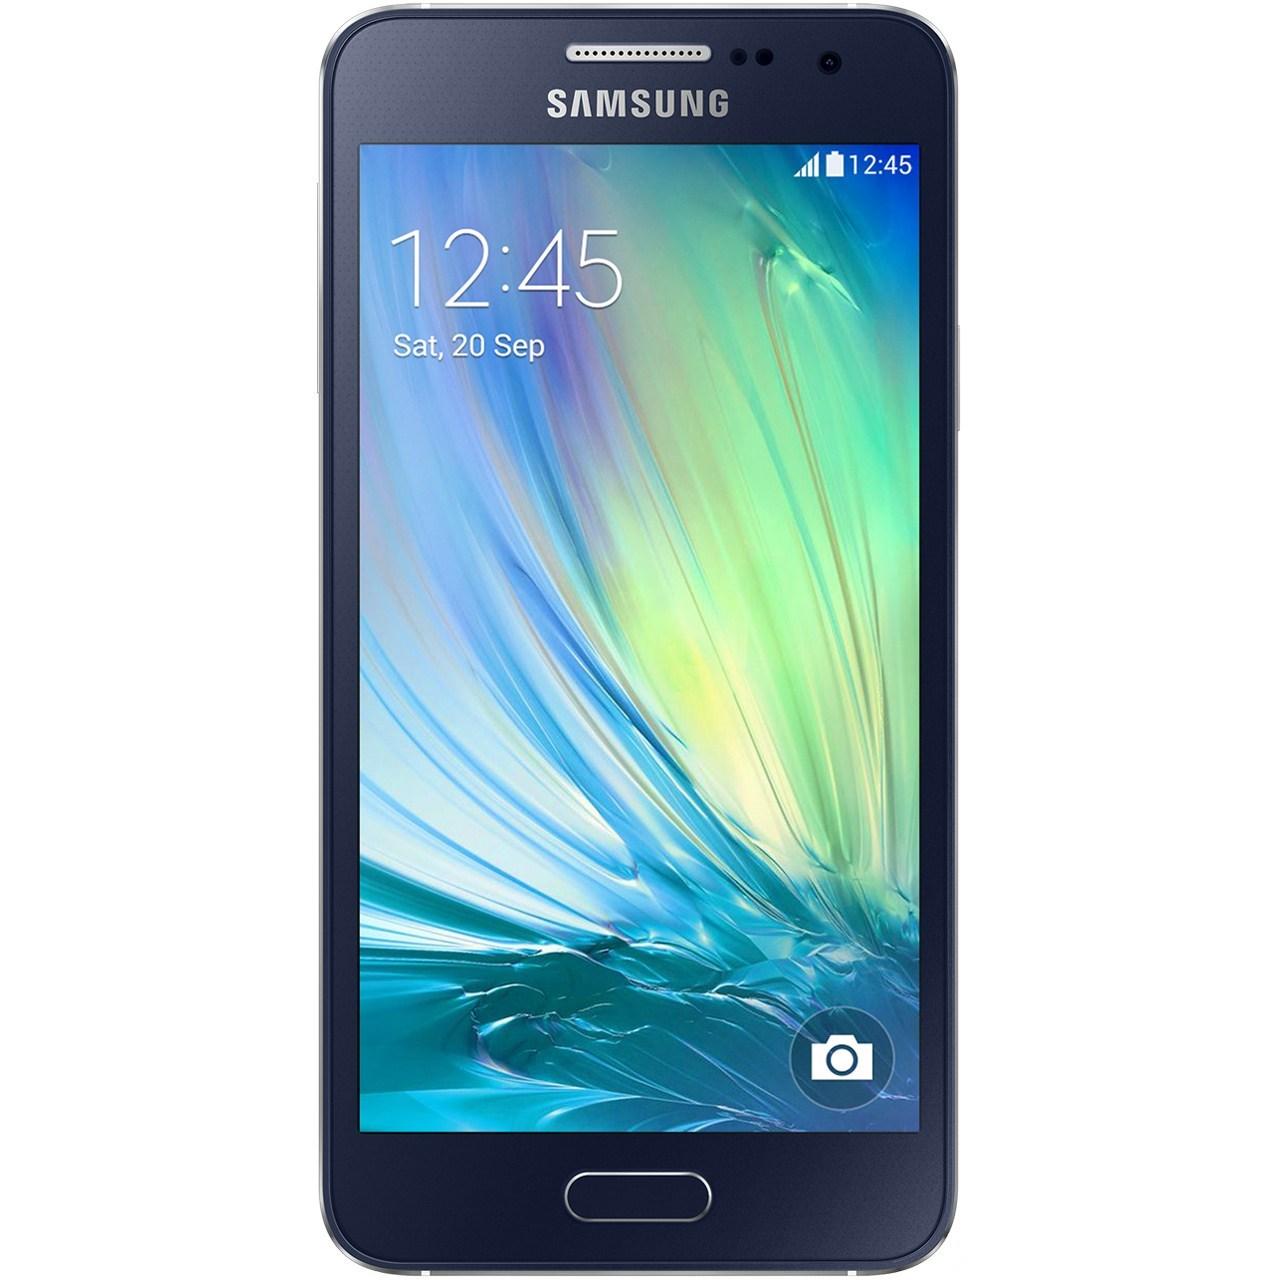 گوشی موبایل سامسونگ مدل Galaxy A3 2016 SM-A310F دو سیمکارت | Samsung Galaxy A3 (2016) Dual SIM SM-A310F Mobile Phone